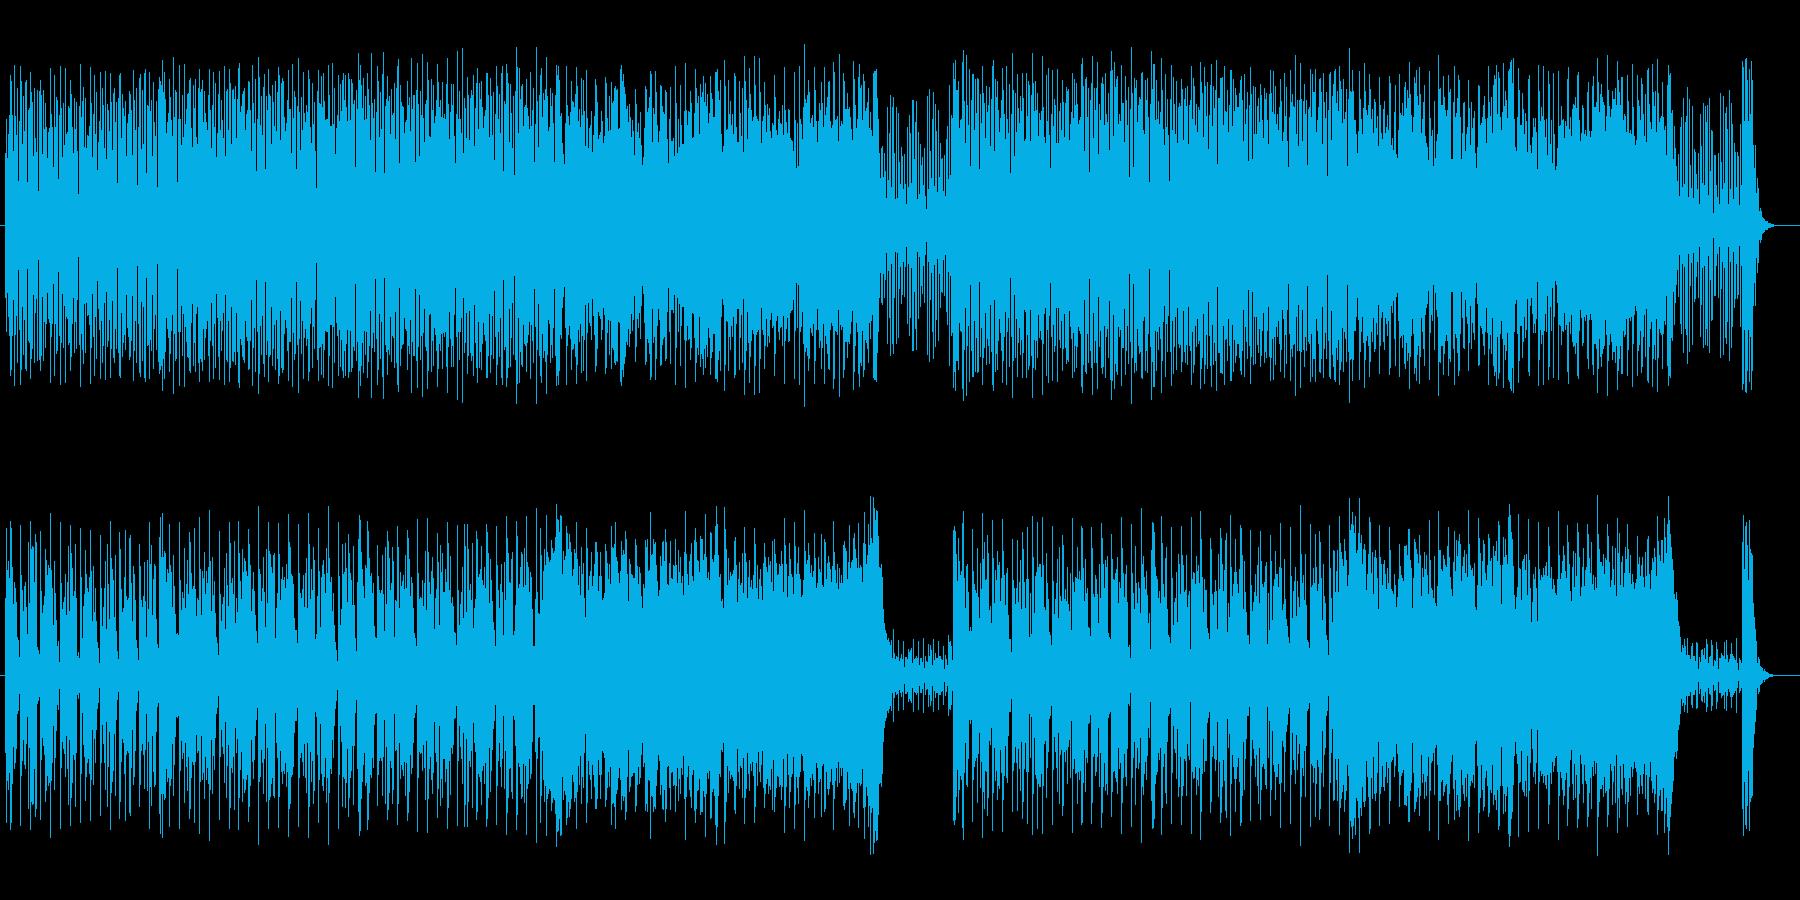 アップテンポで活気あふれるBGMの再生済みの波形